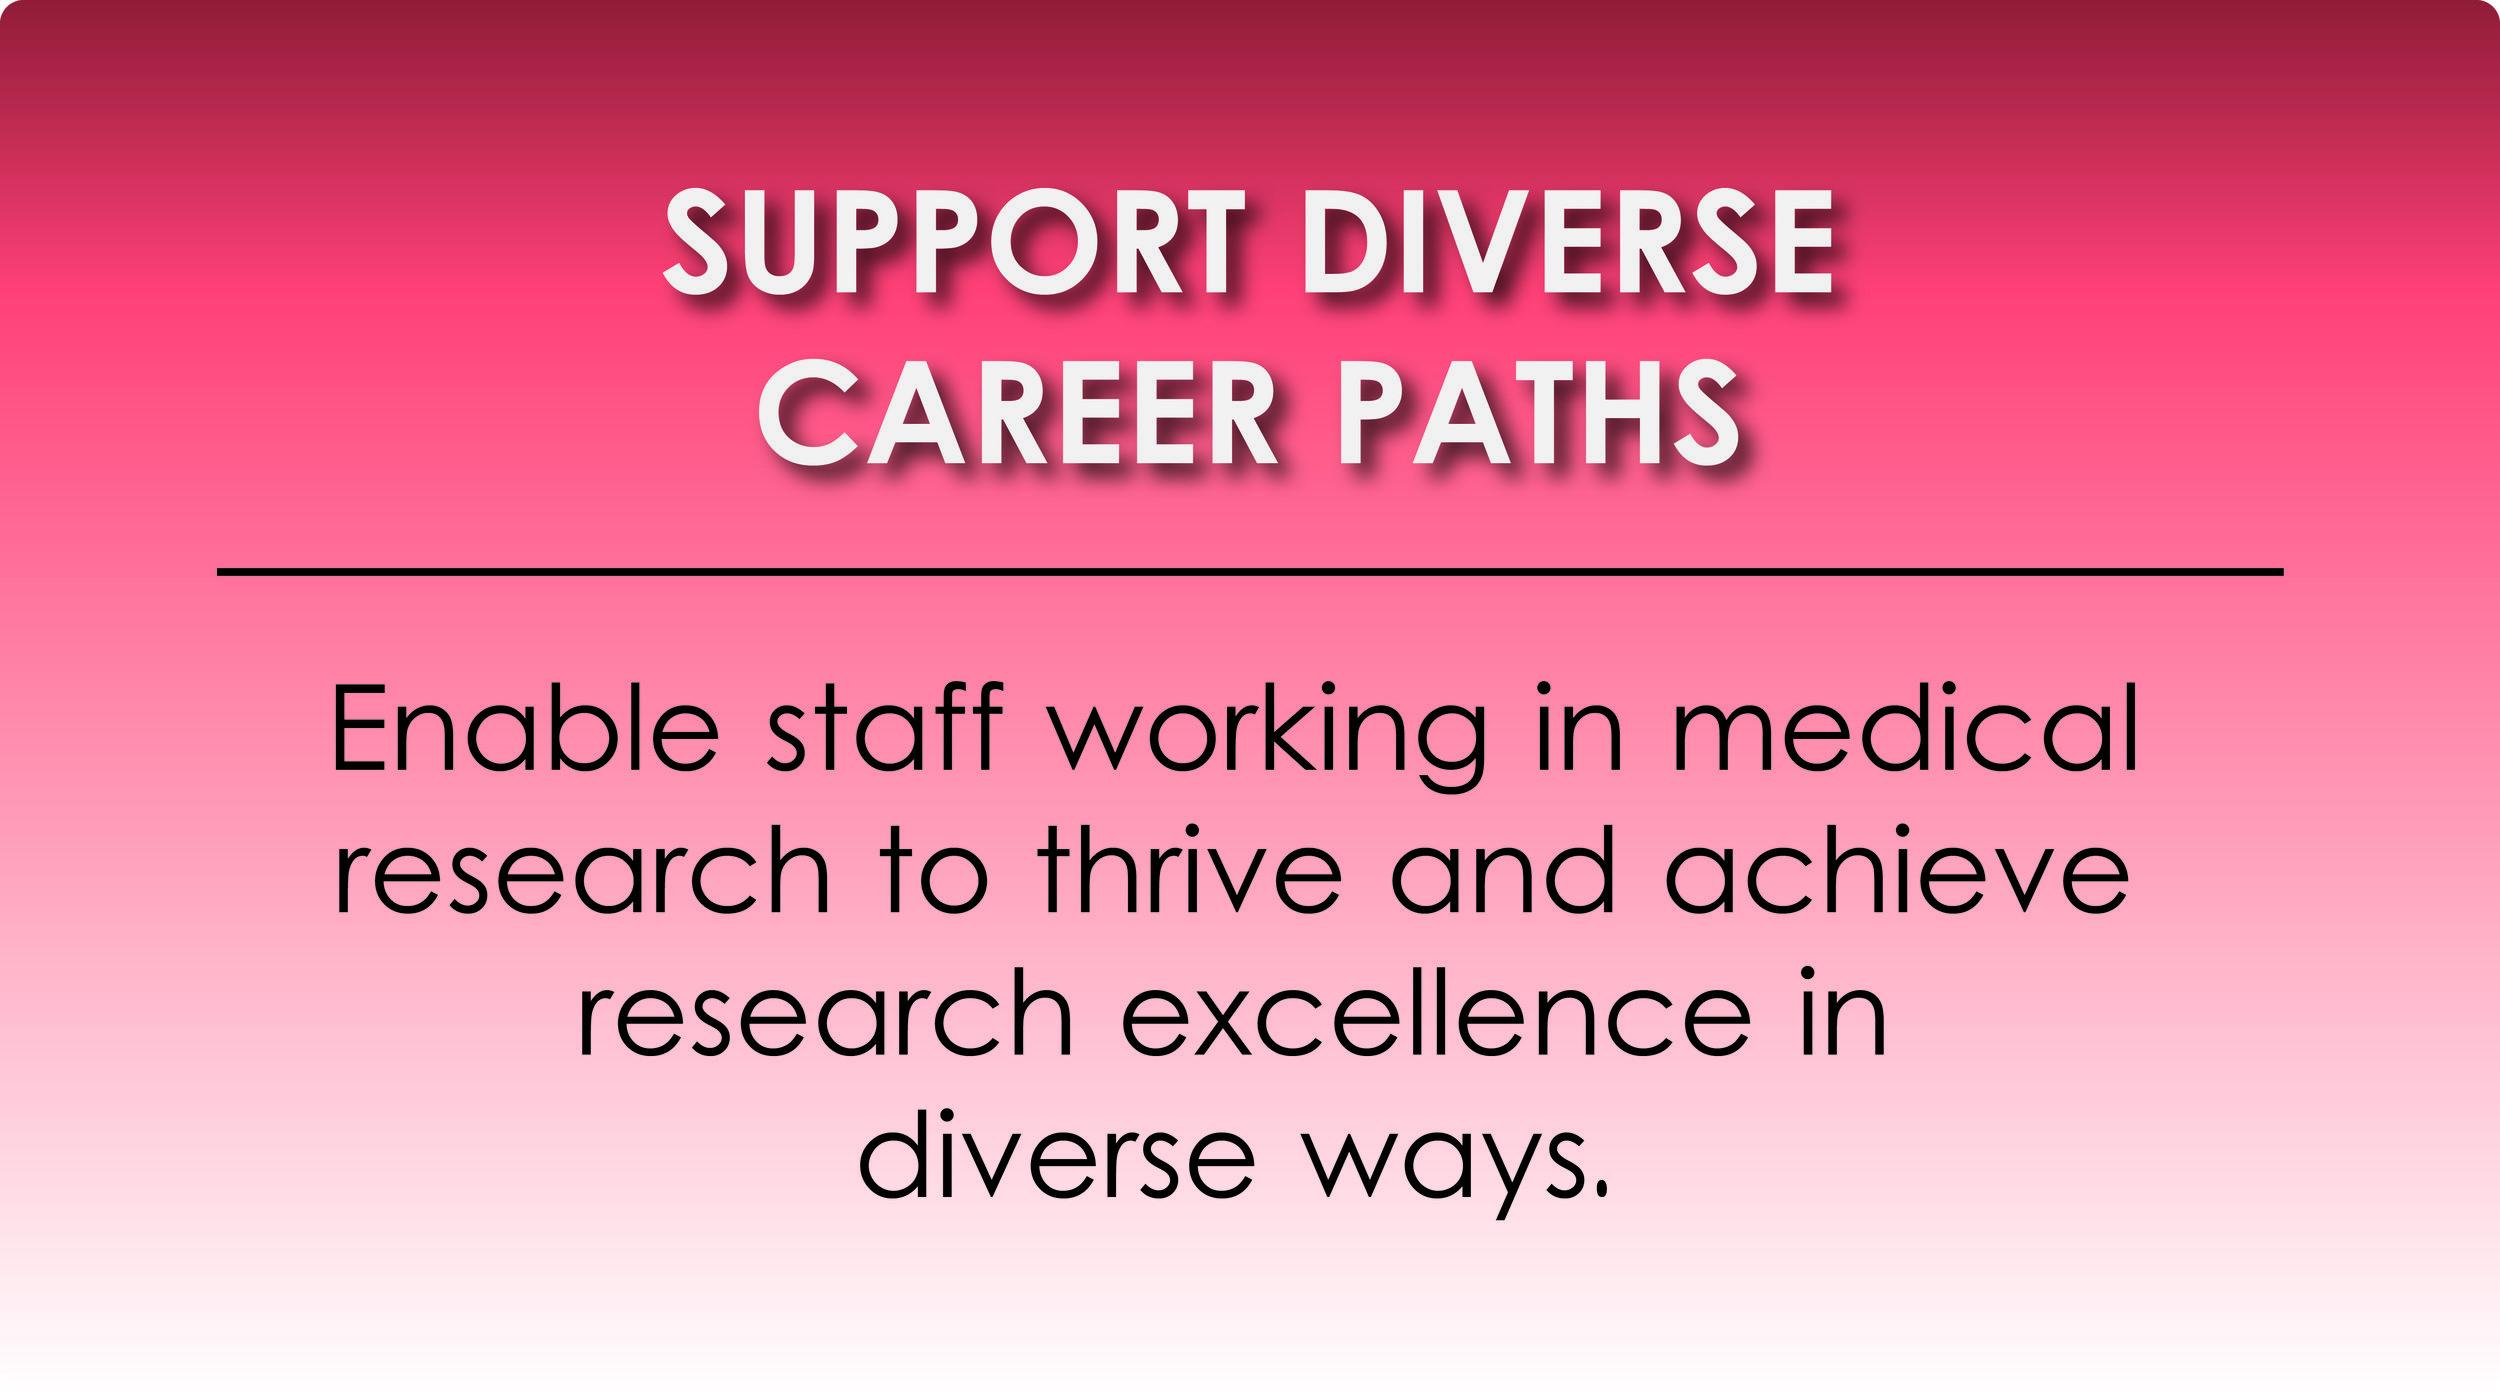 Diverse Career Paths2.jpg